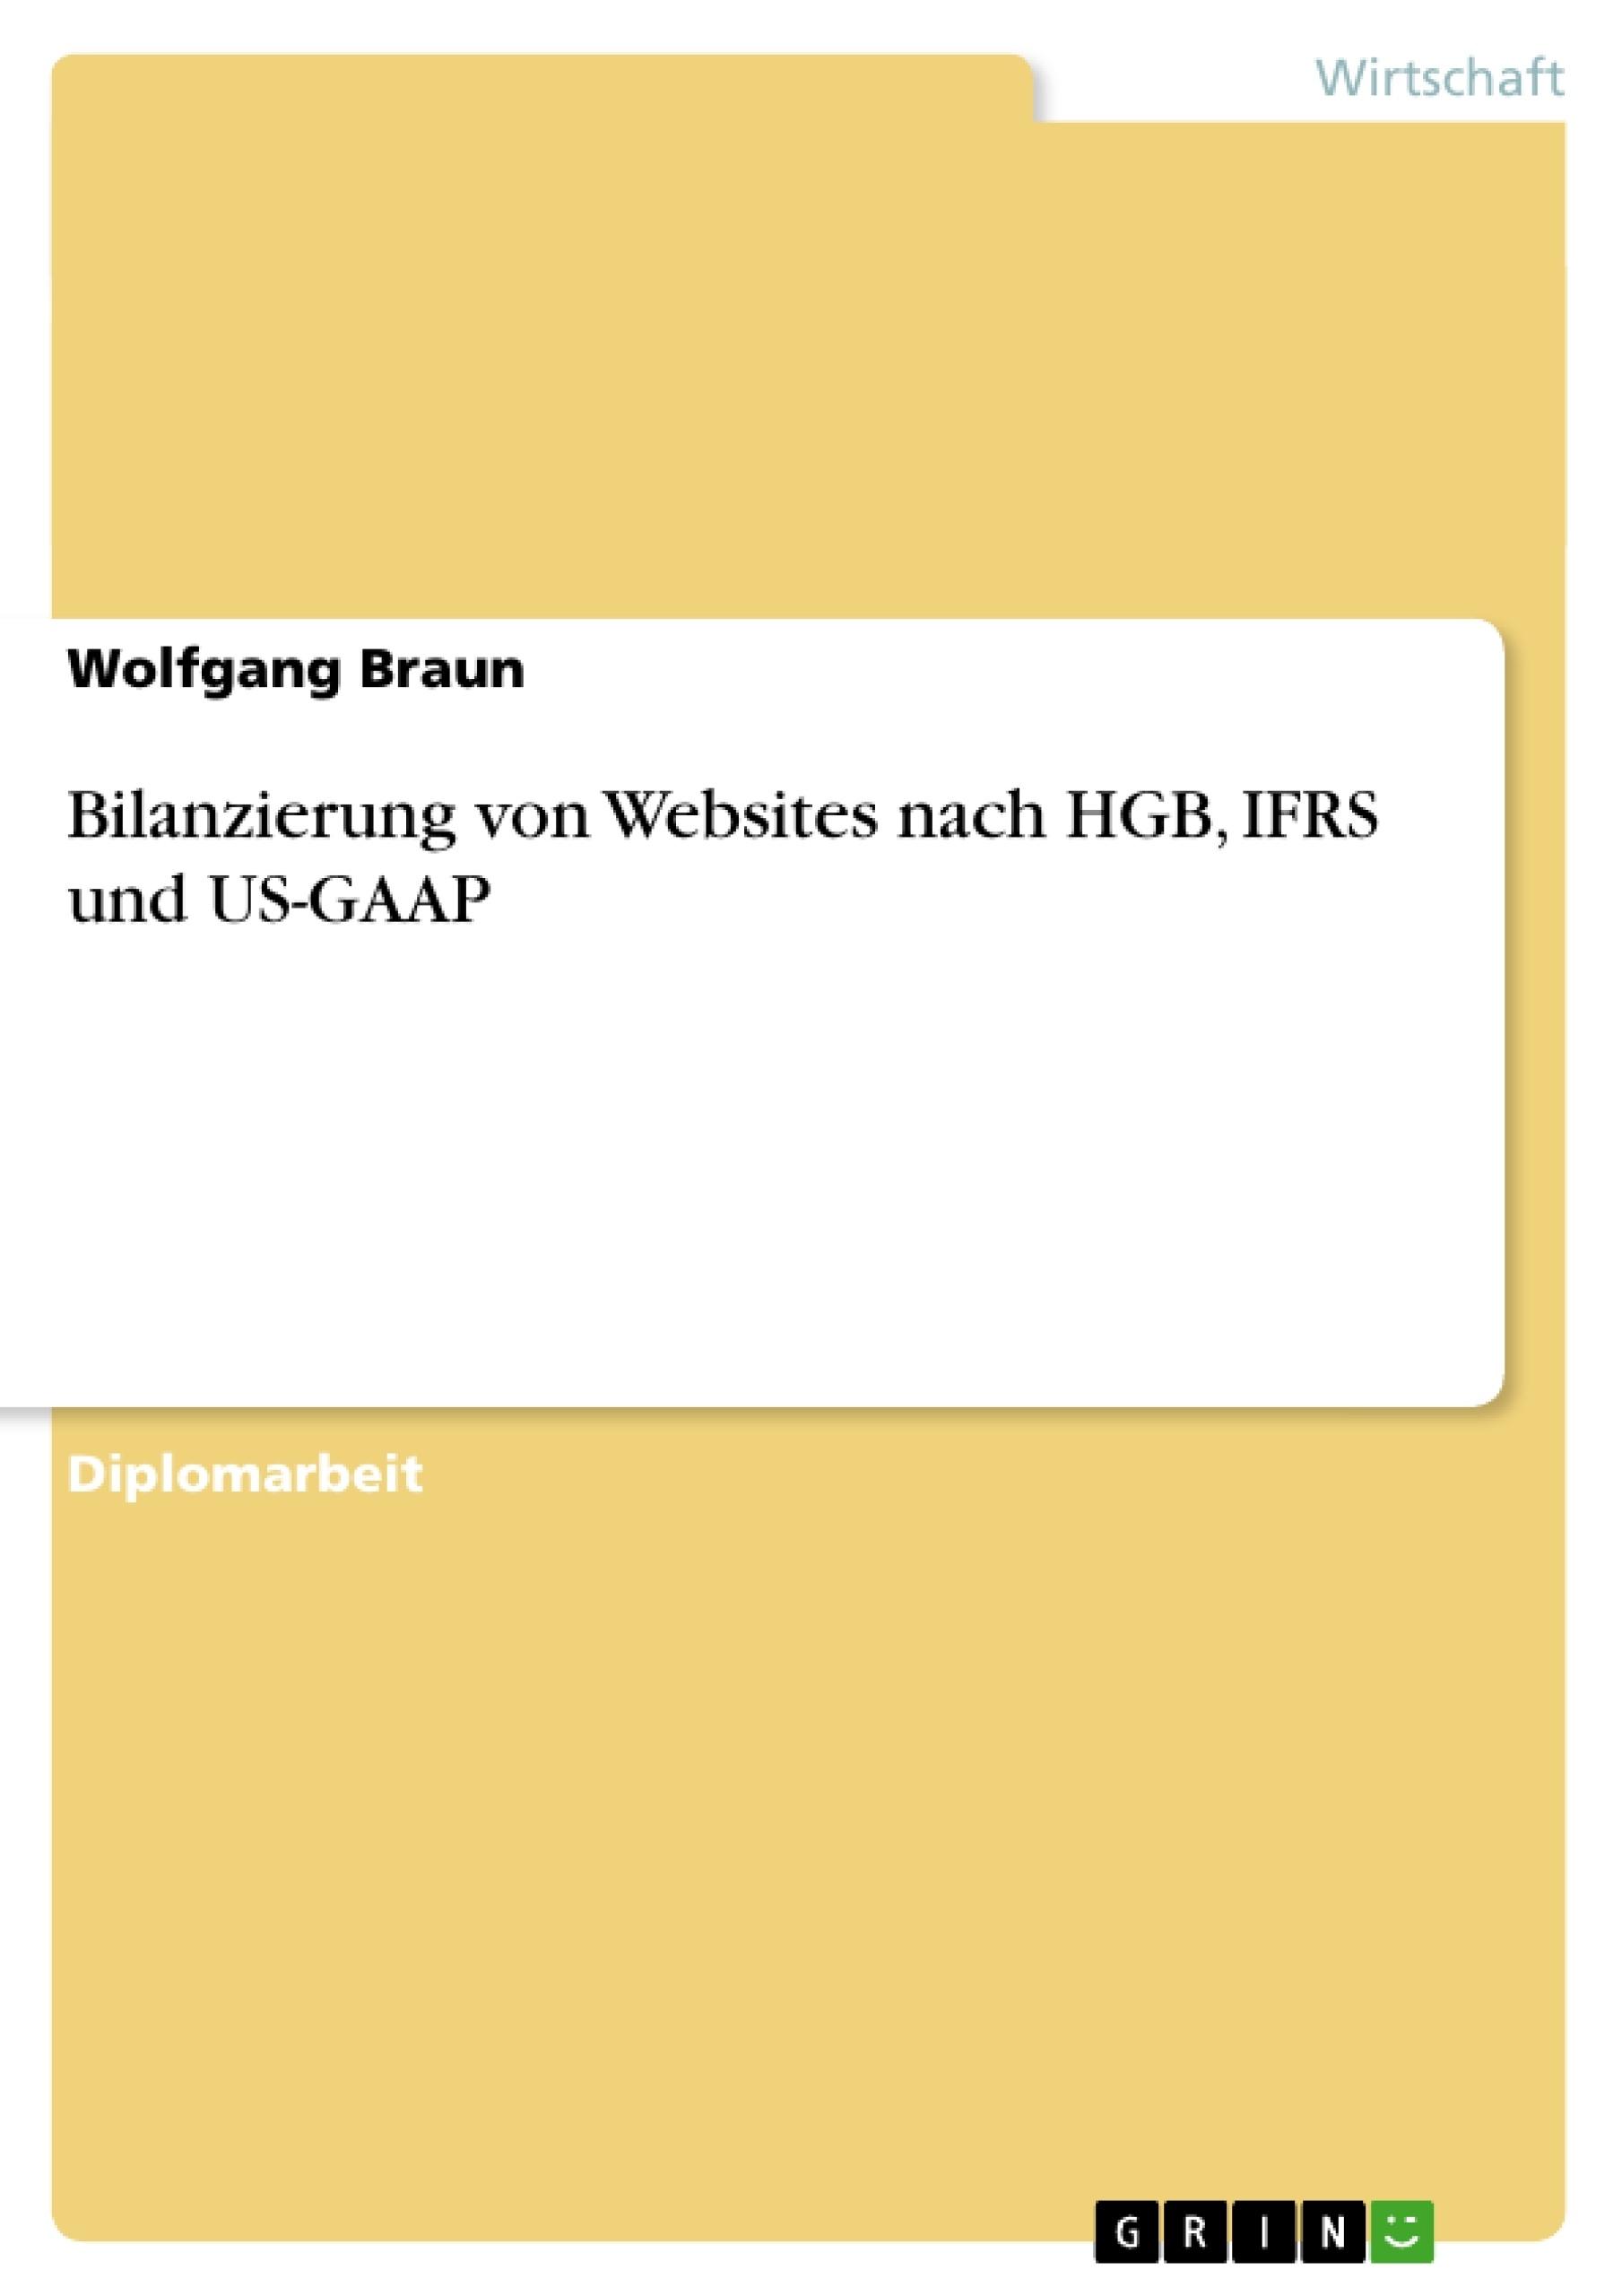 Titel: Bilanzierung von Websites nach HGB, IFRS und US-GAAP